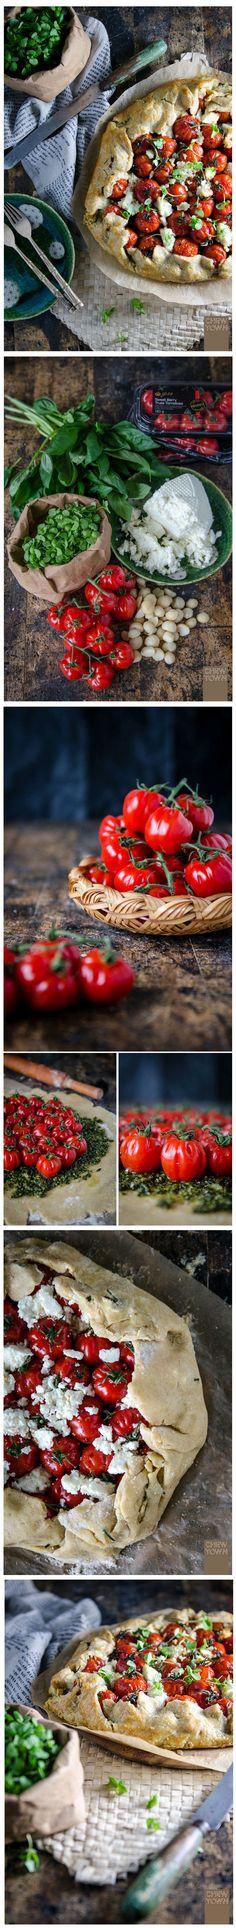 Pizza integrale con noci di Macadamia, ricotta e Grana Padano.